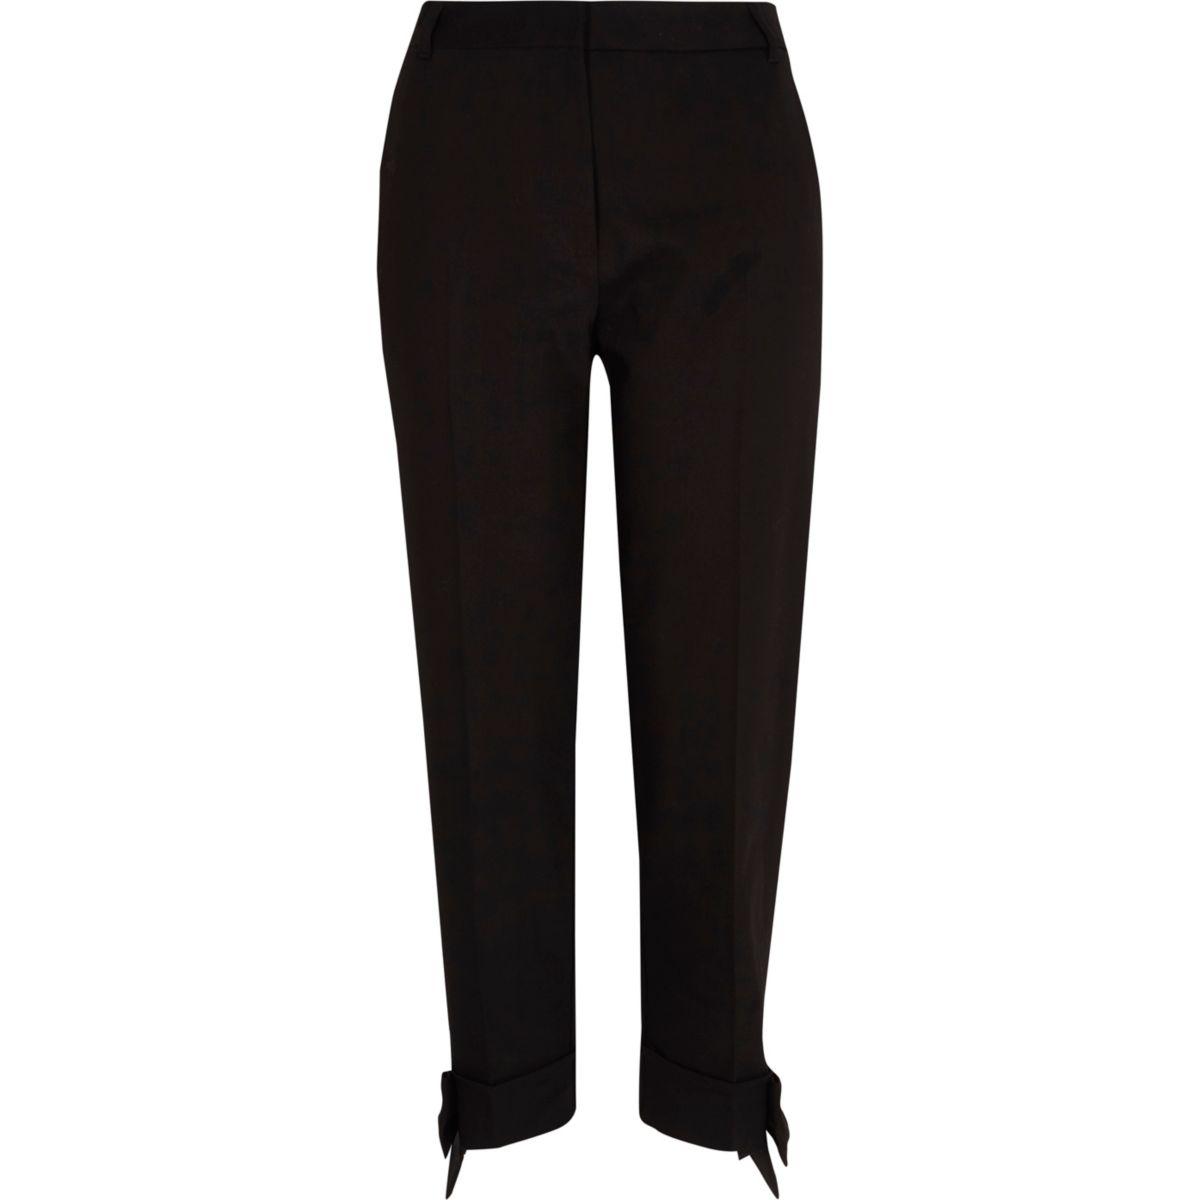 Zwarte smaltoelopende broek met strik bij de zoom